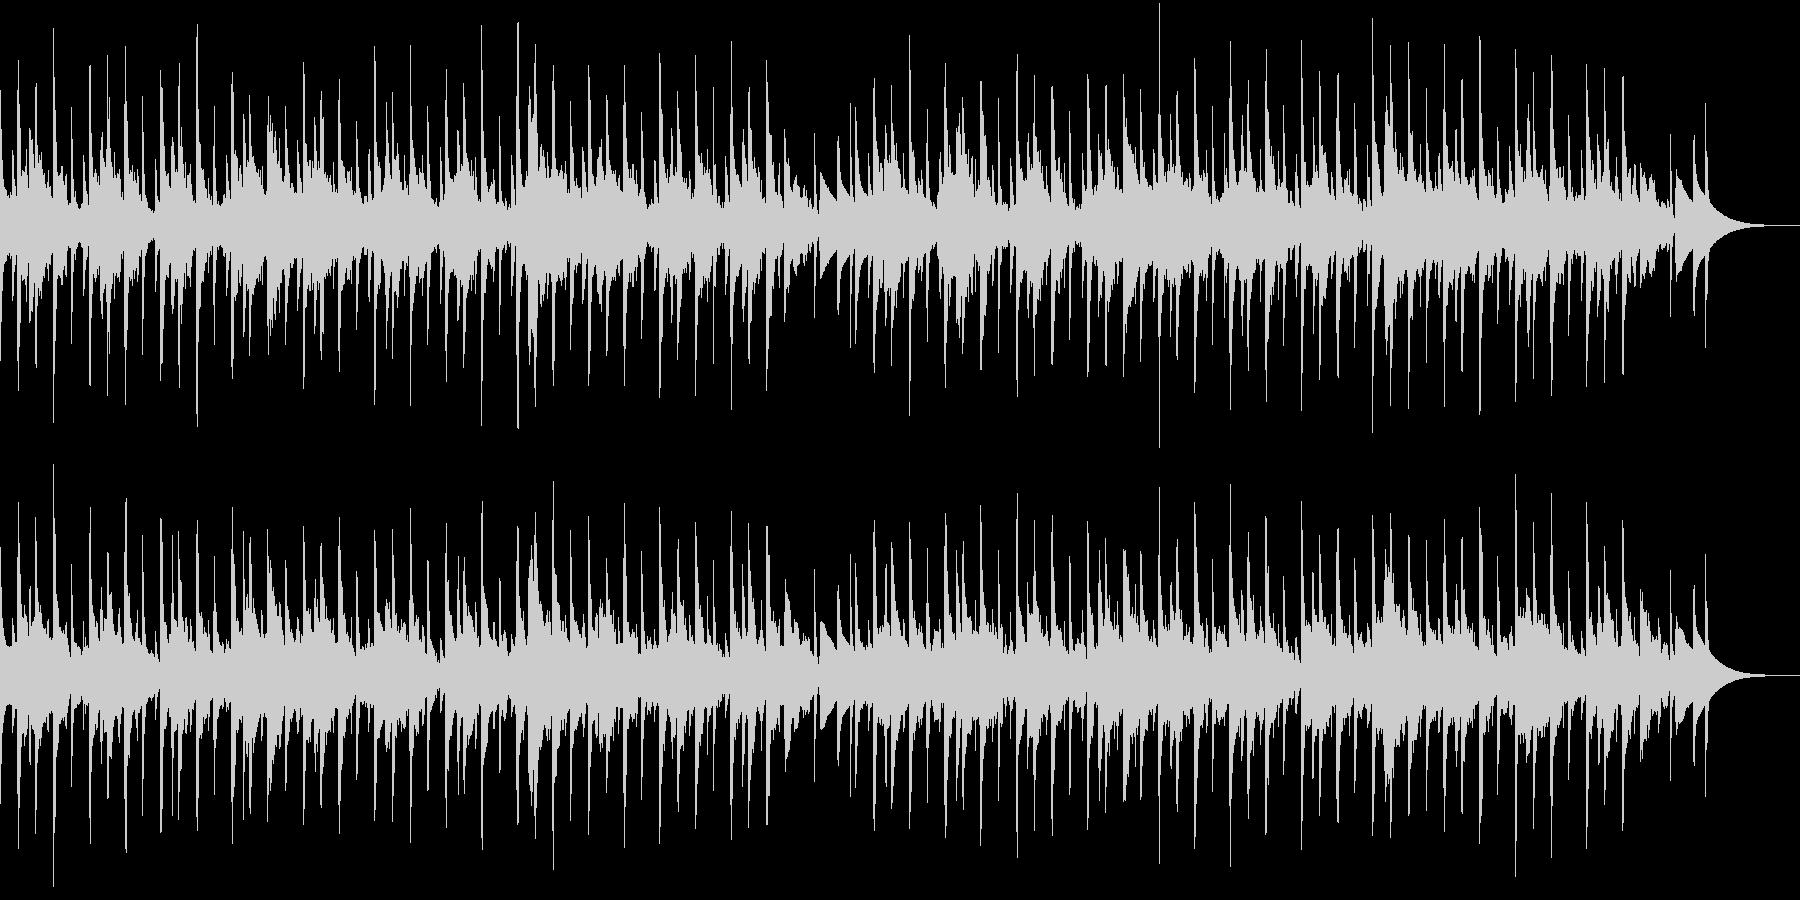 ほのぼのした雰囲気のシンプルなシンセ曲の未再生の波形